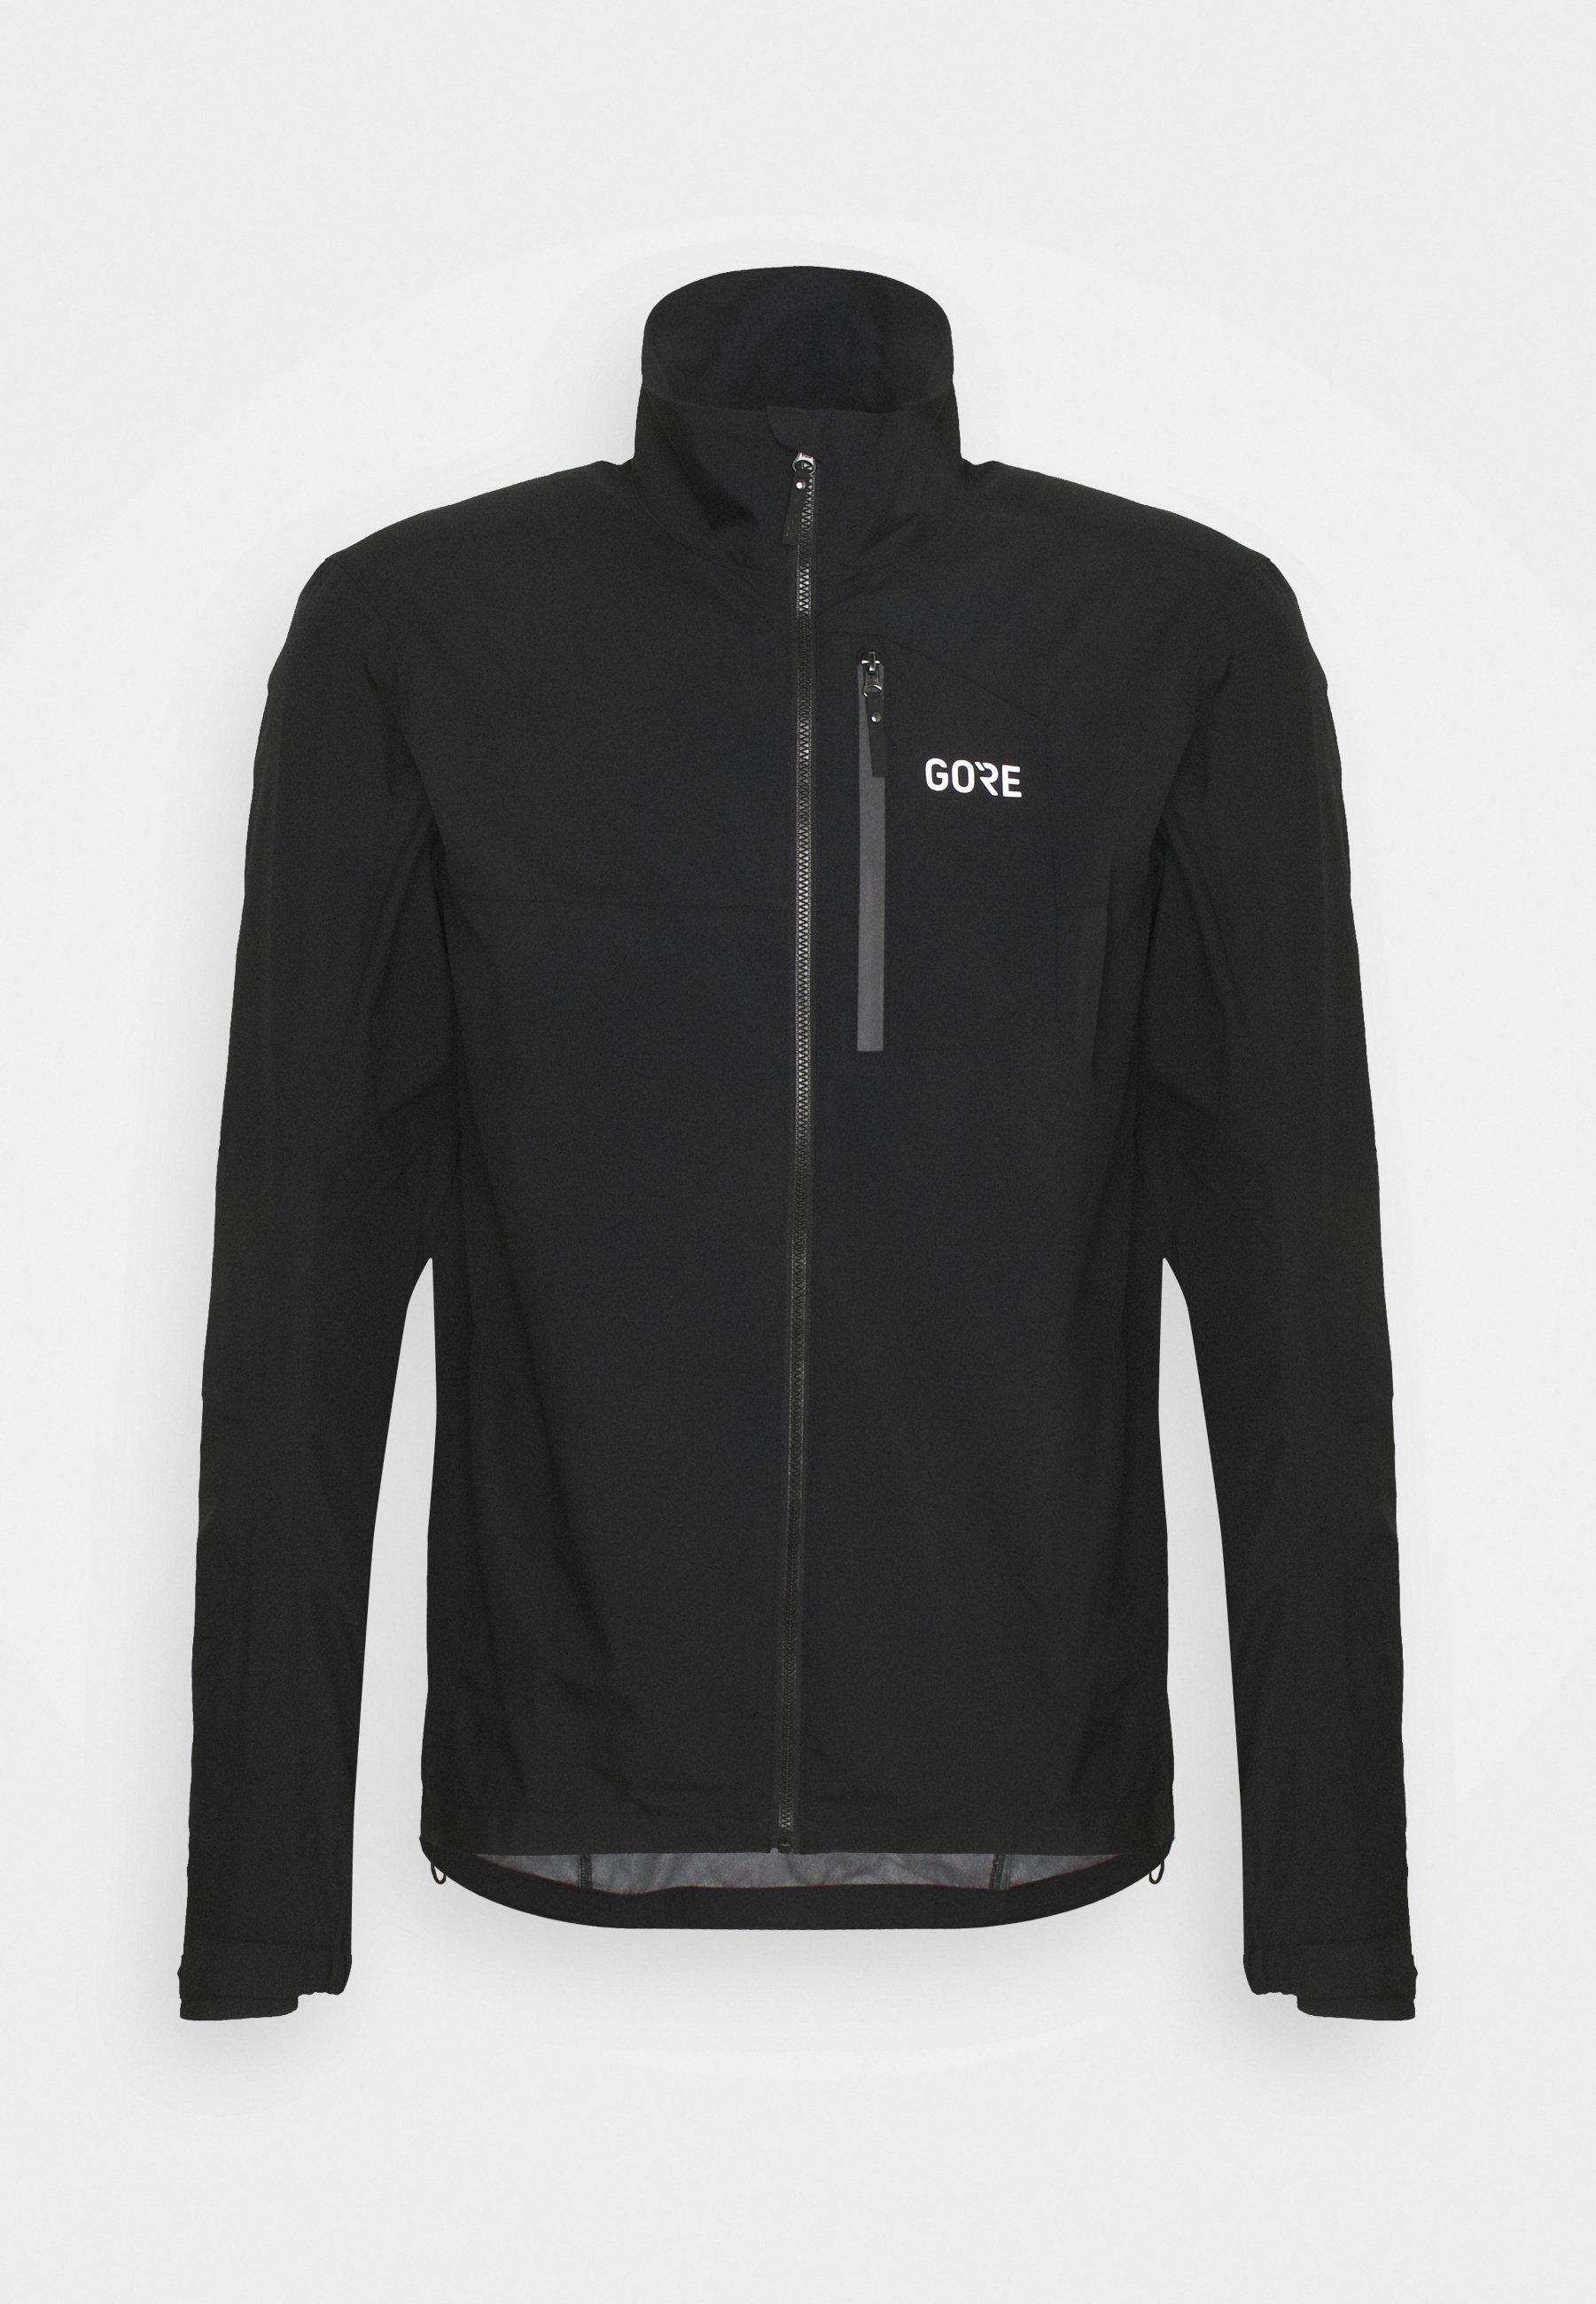 Gore Wear GORE® WEAR SPIRIT JACKET MENS - Trainingsjacke - black/schwarz -  Zalando.de